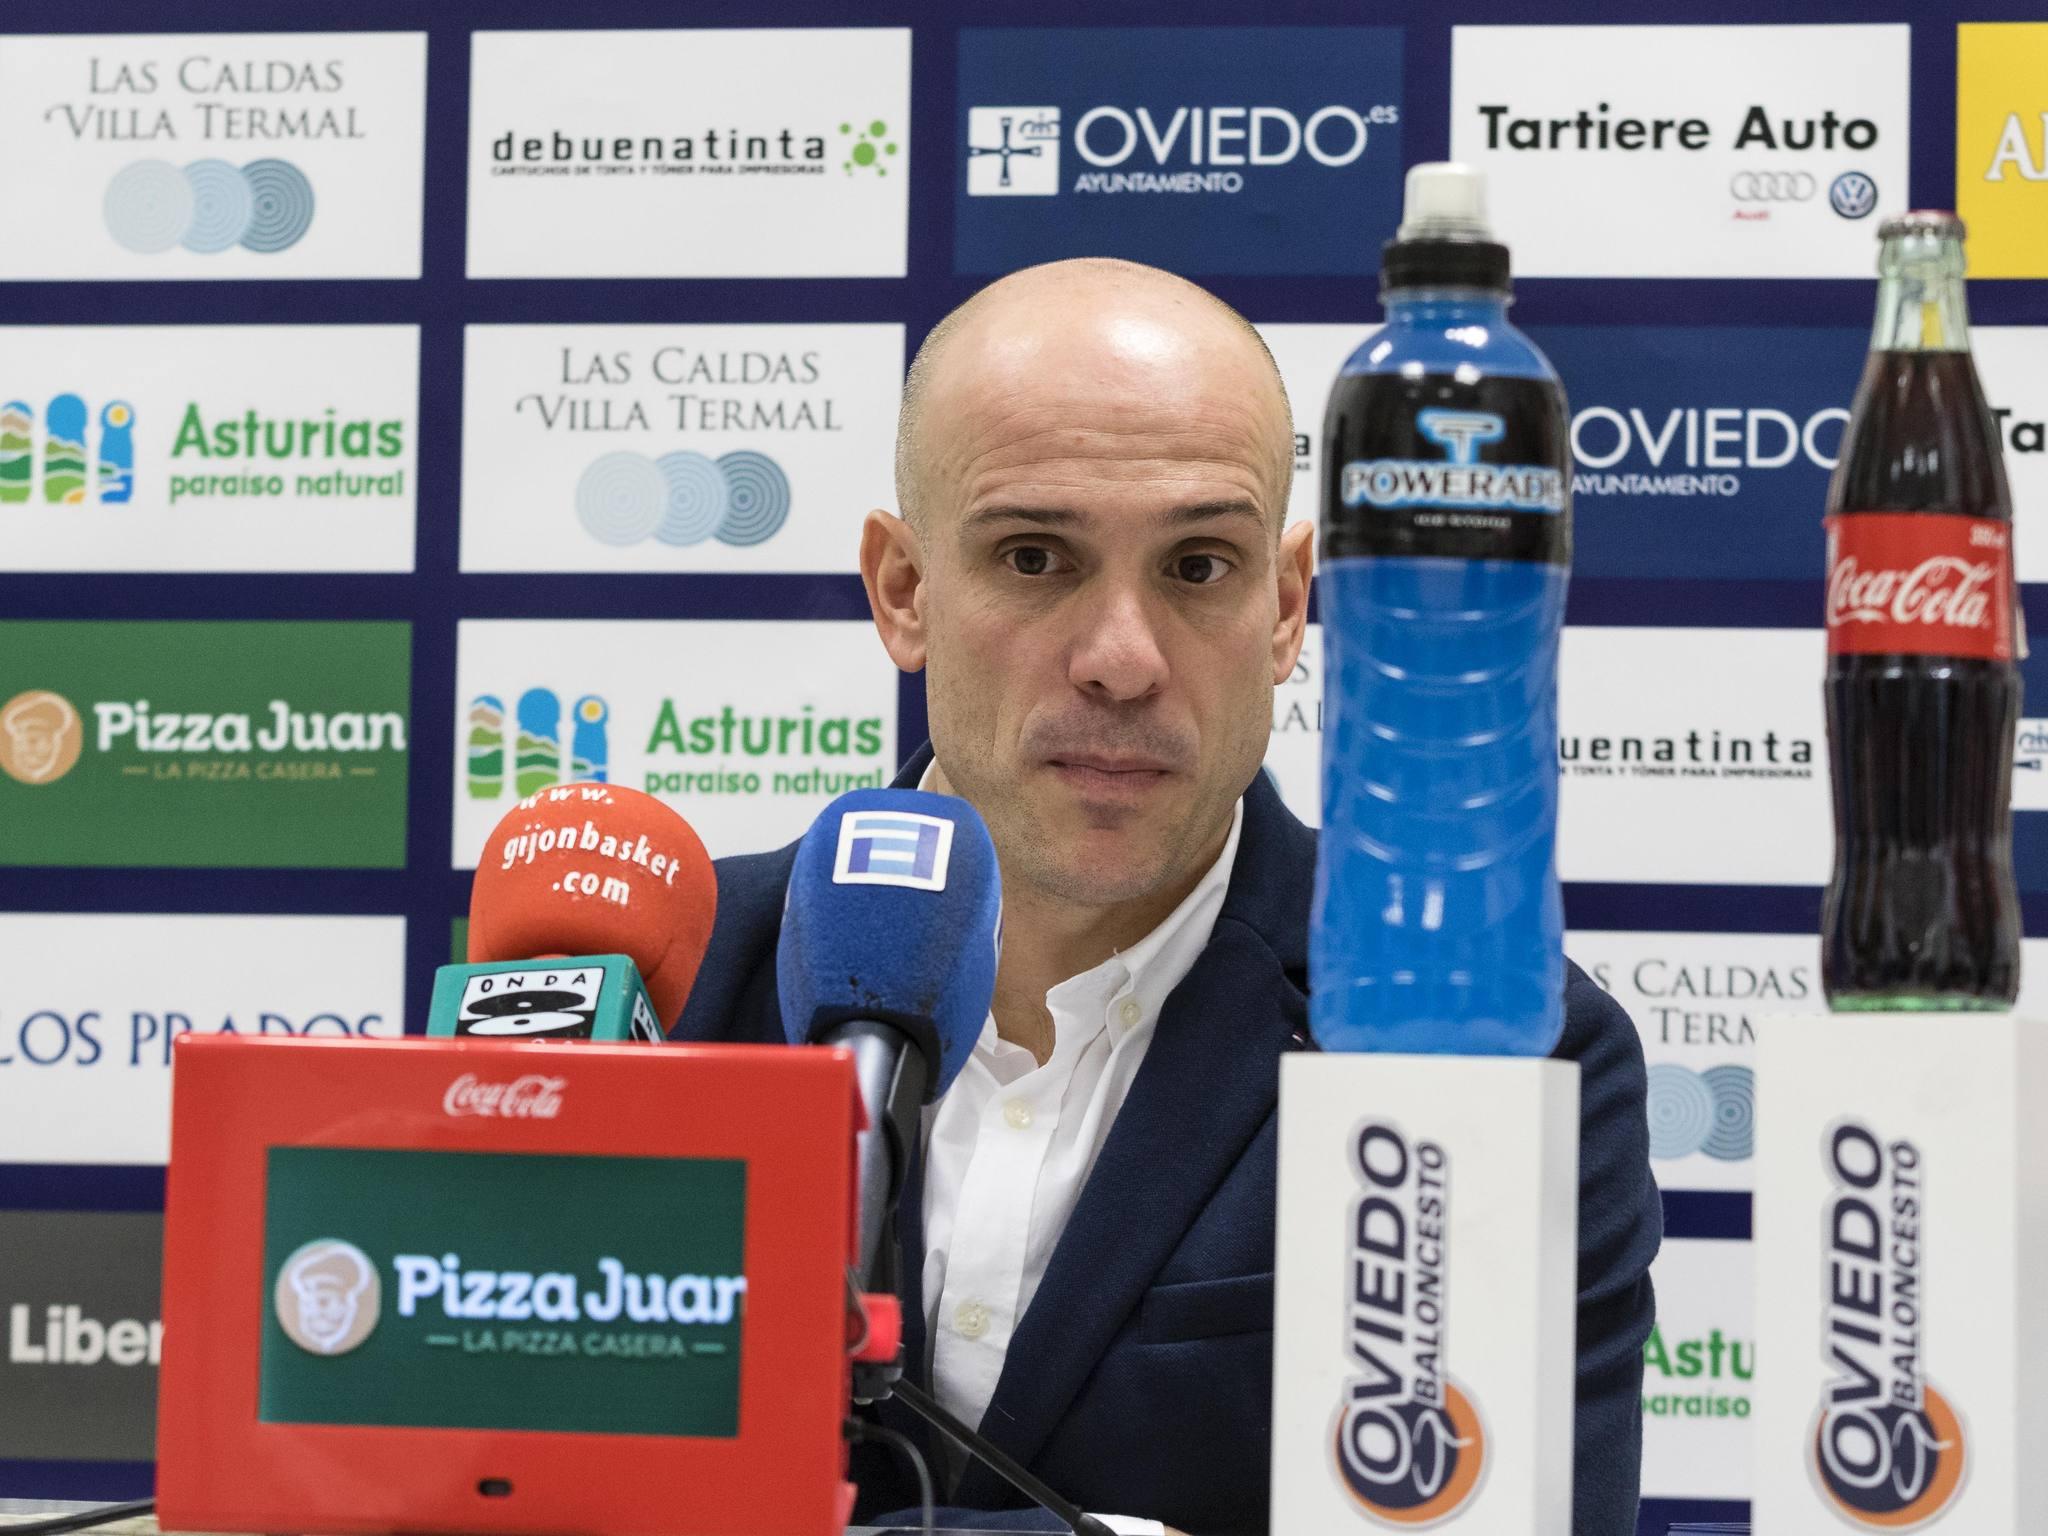 Carles Marco en rueda de prensa (Foto: Christian García)